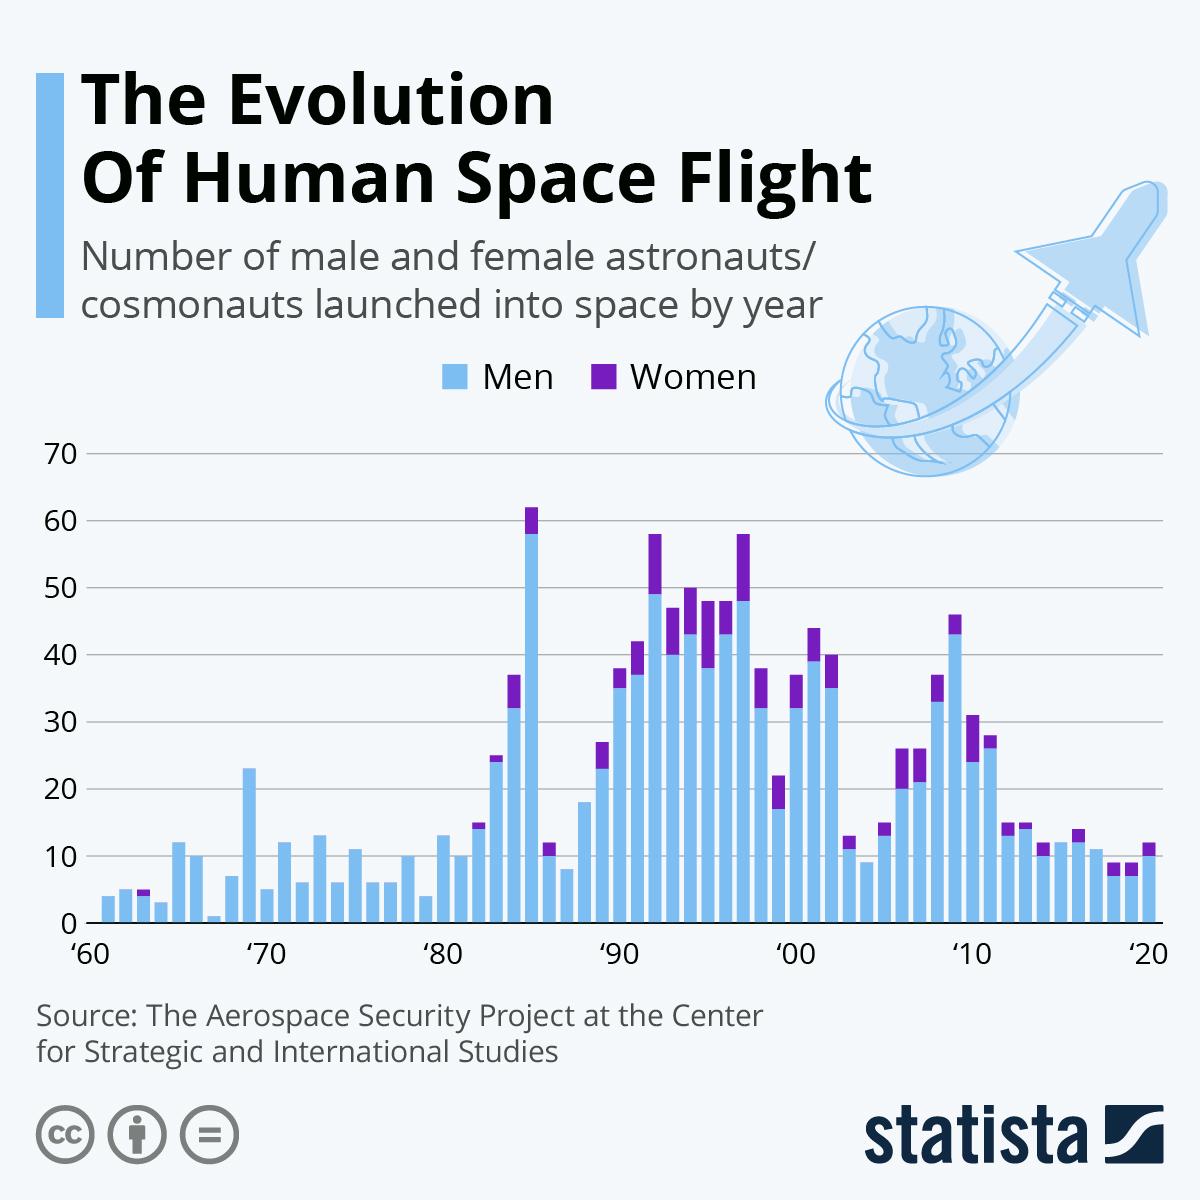 Human space flight: an evolution